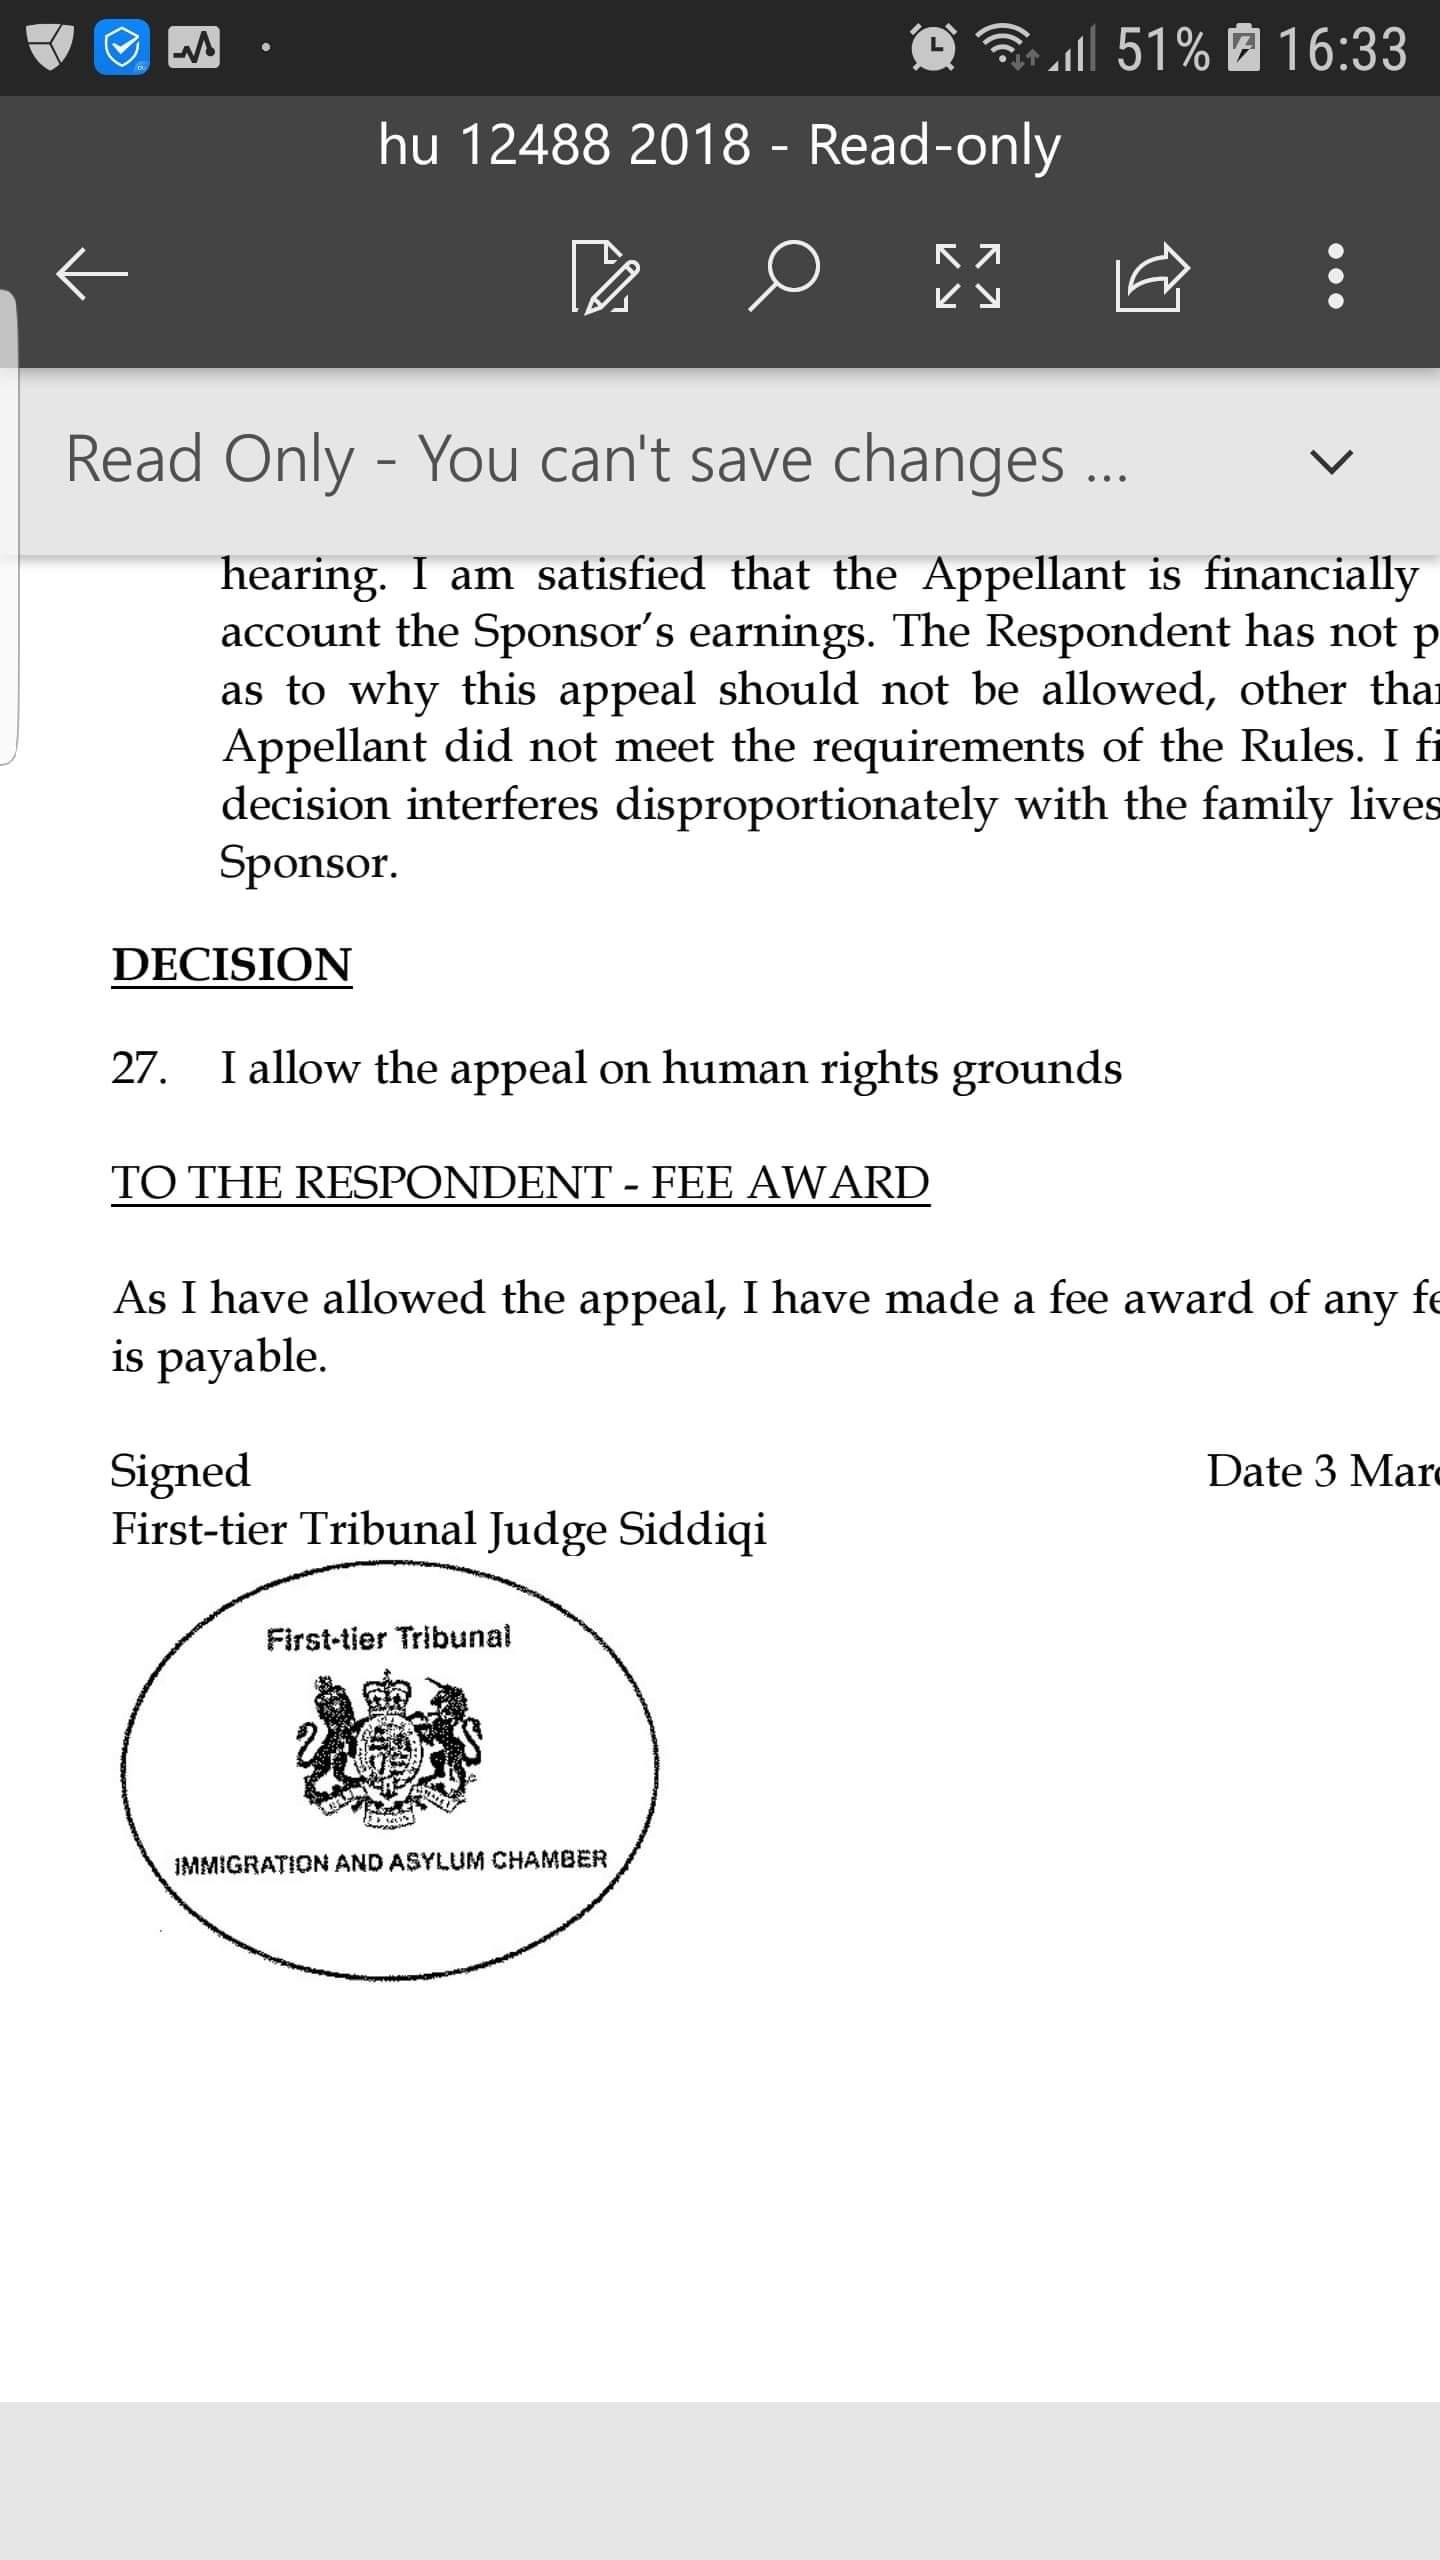 สงสัยประเภทวีซ่าอังกฤษระหว่างSettelment visa spouse and Wife